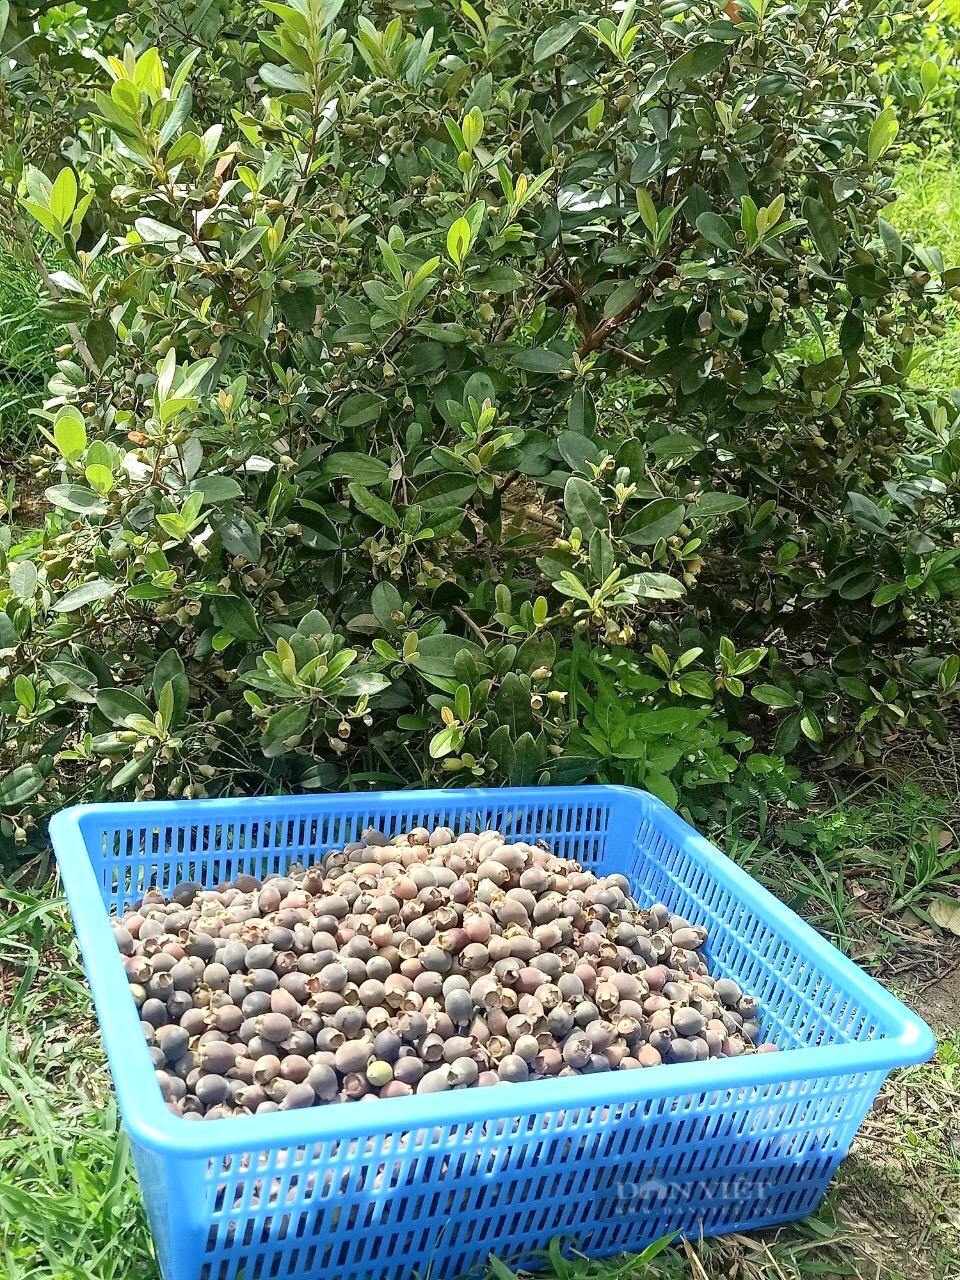 """Bình Định: Một huyện có hơn 500 héc ta rừng tự nhiên ra quả """"tím lịm"""", giúp dân hái ra tiền  - Ảnh 3."""